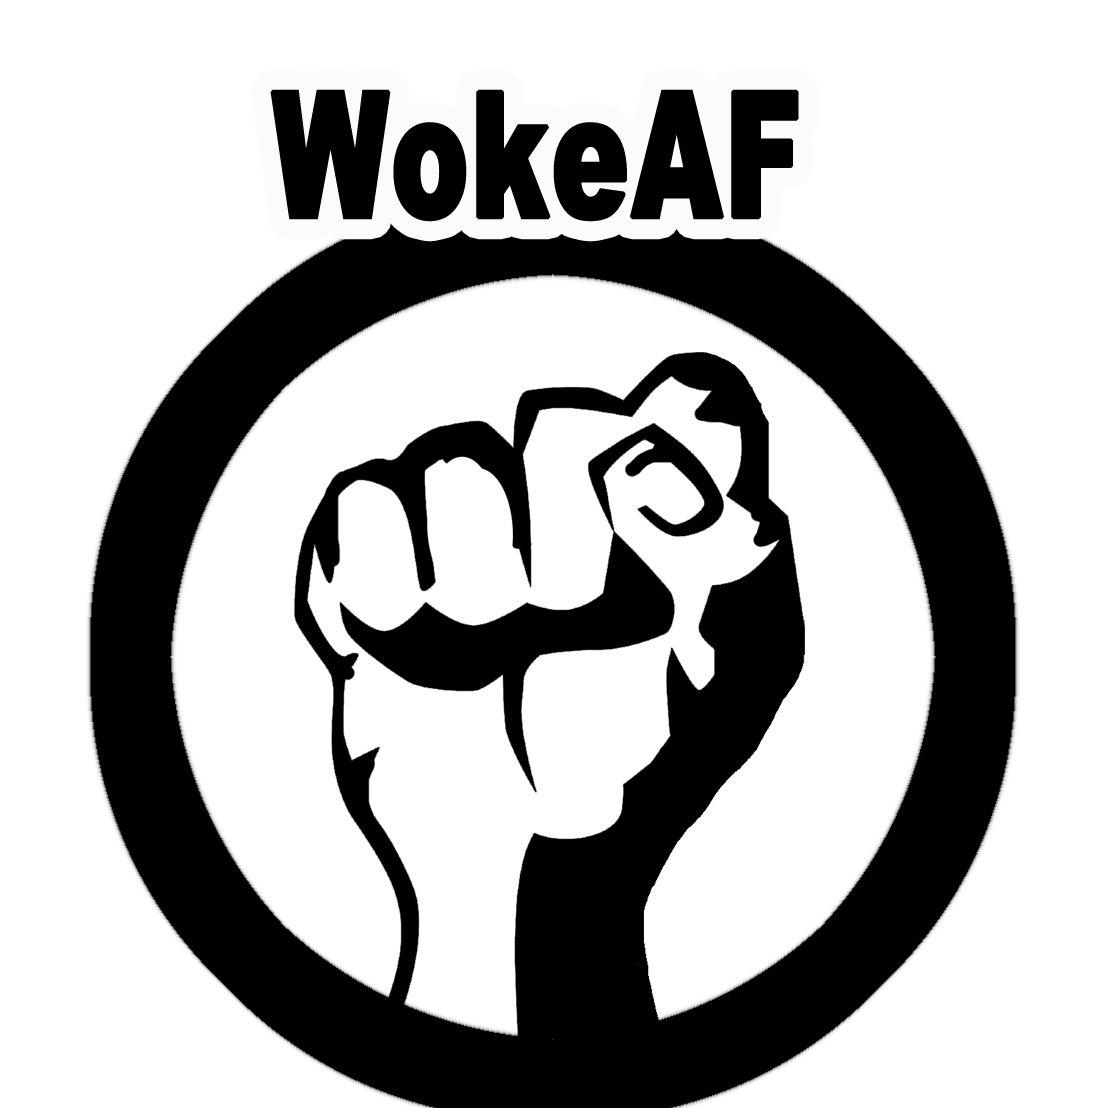 WokeAFClothing  👕  ✊